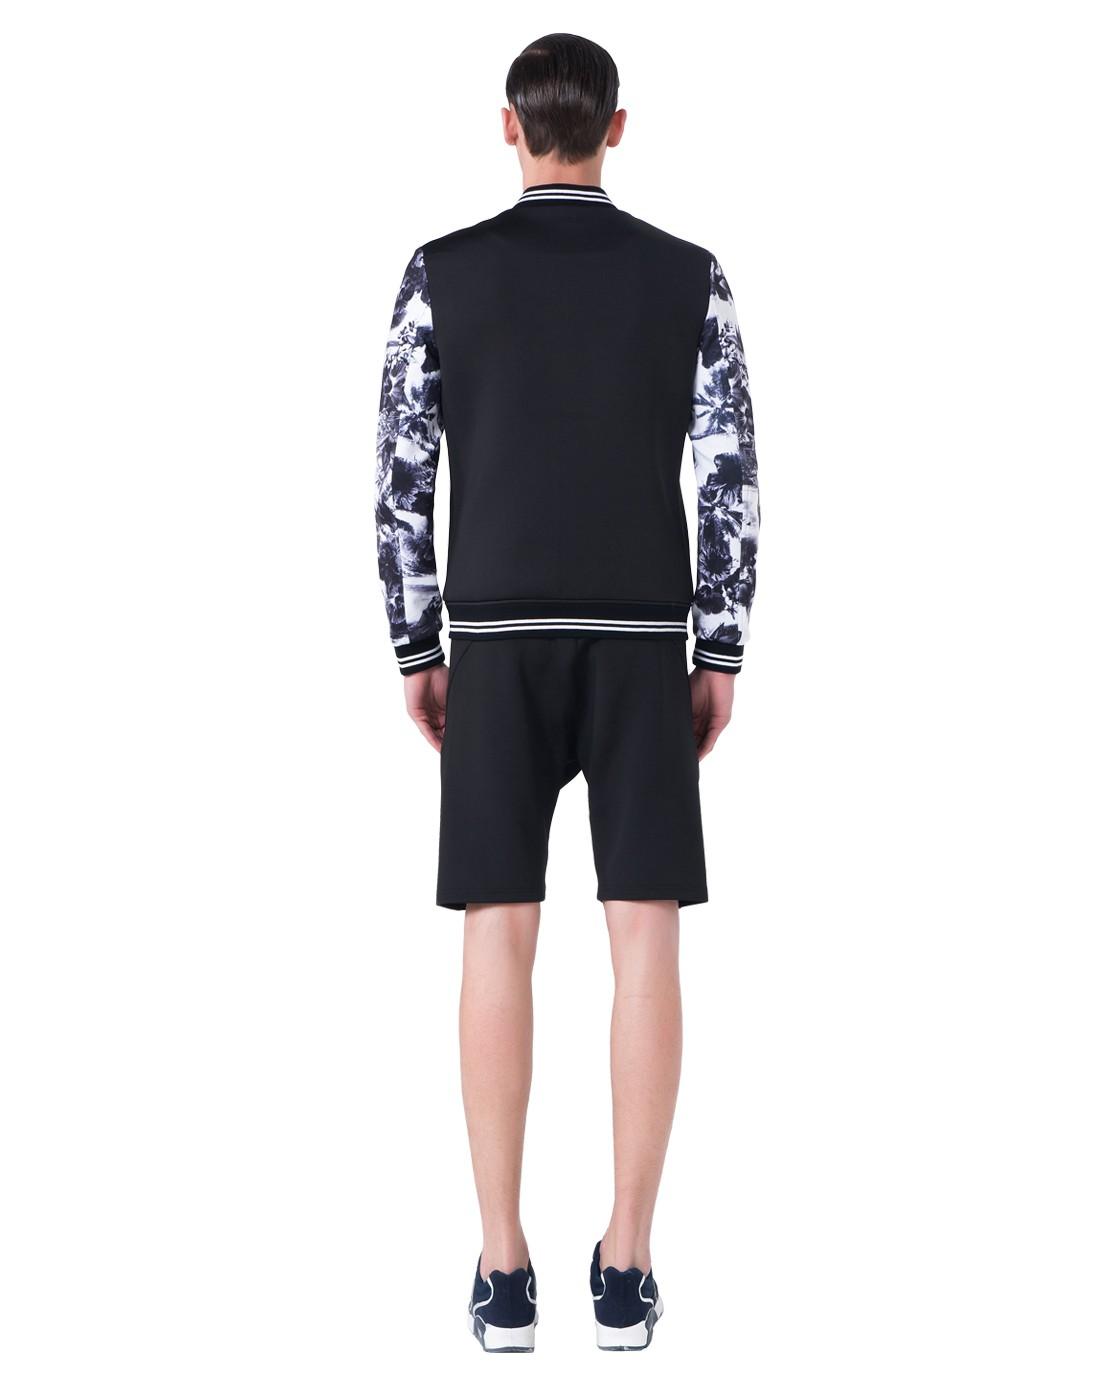 15新款黑色长袖仙鹤刺绣卫衣棒球服外套